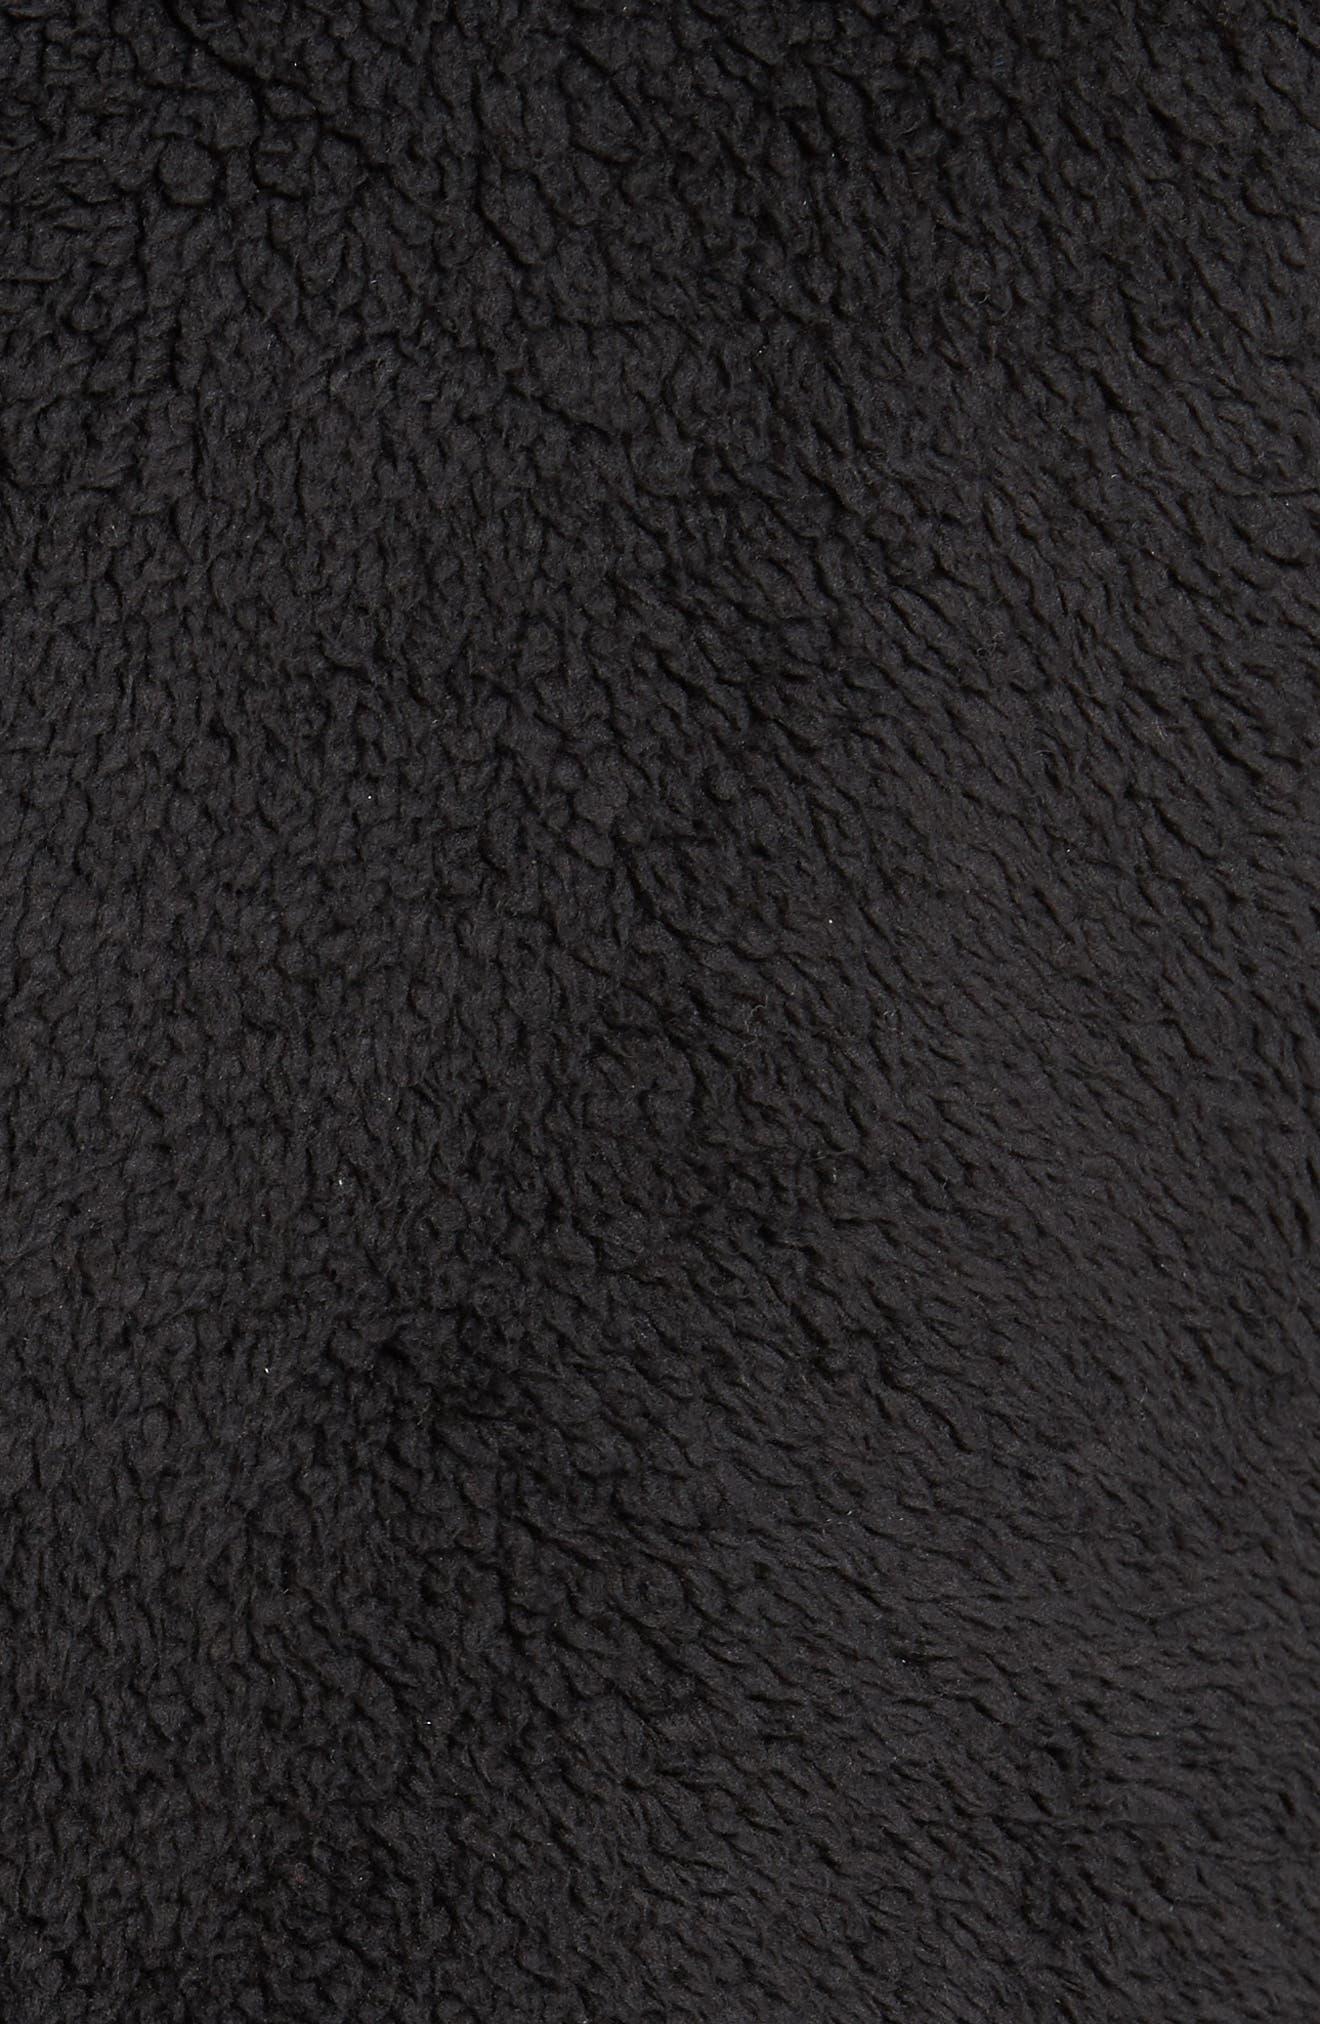 Campshire Fleece Vest,                             Alternate thumbnail 5, color,                             Black